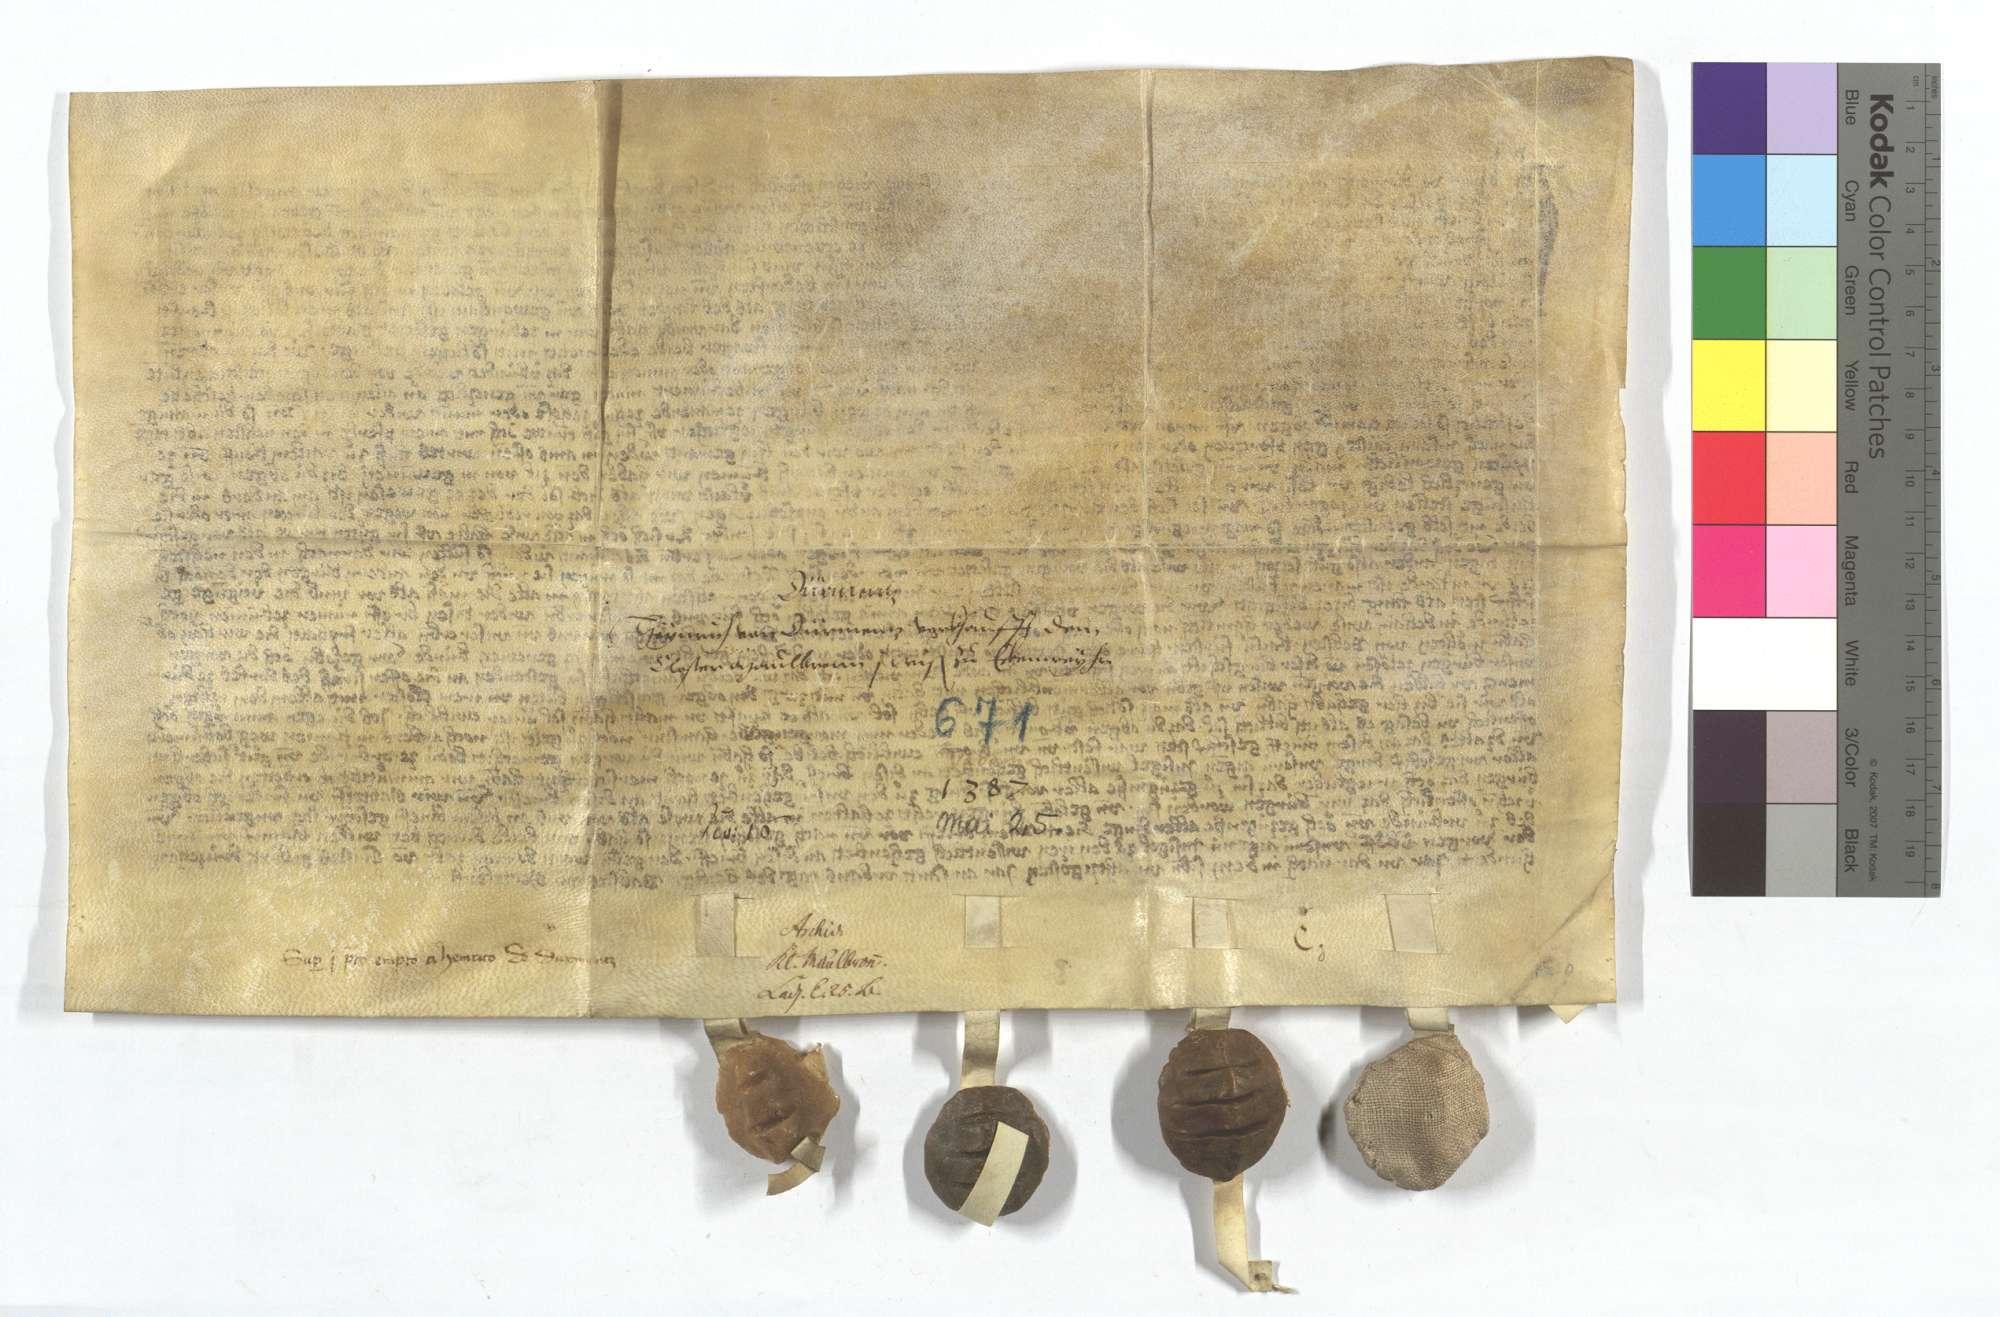 Heinrich von Dürrmenz verkauft dem Kloster Maulbronn eine Wiese in Eckenweiher., Rückseite